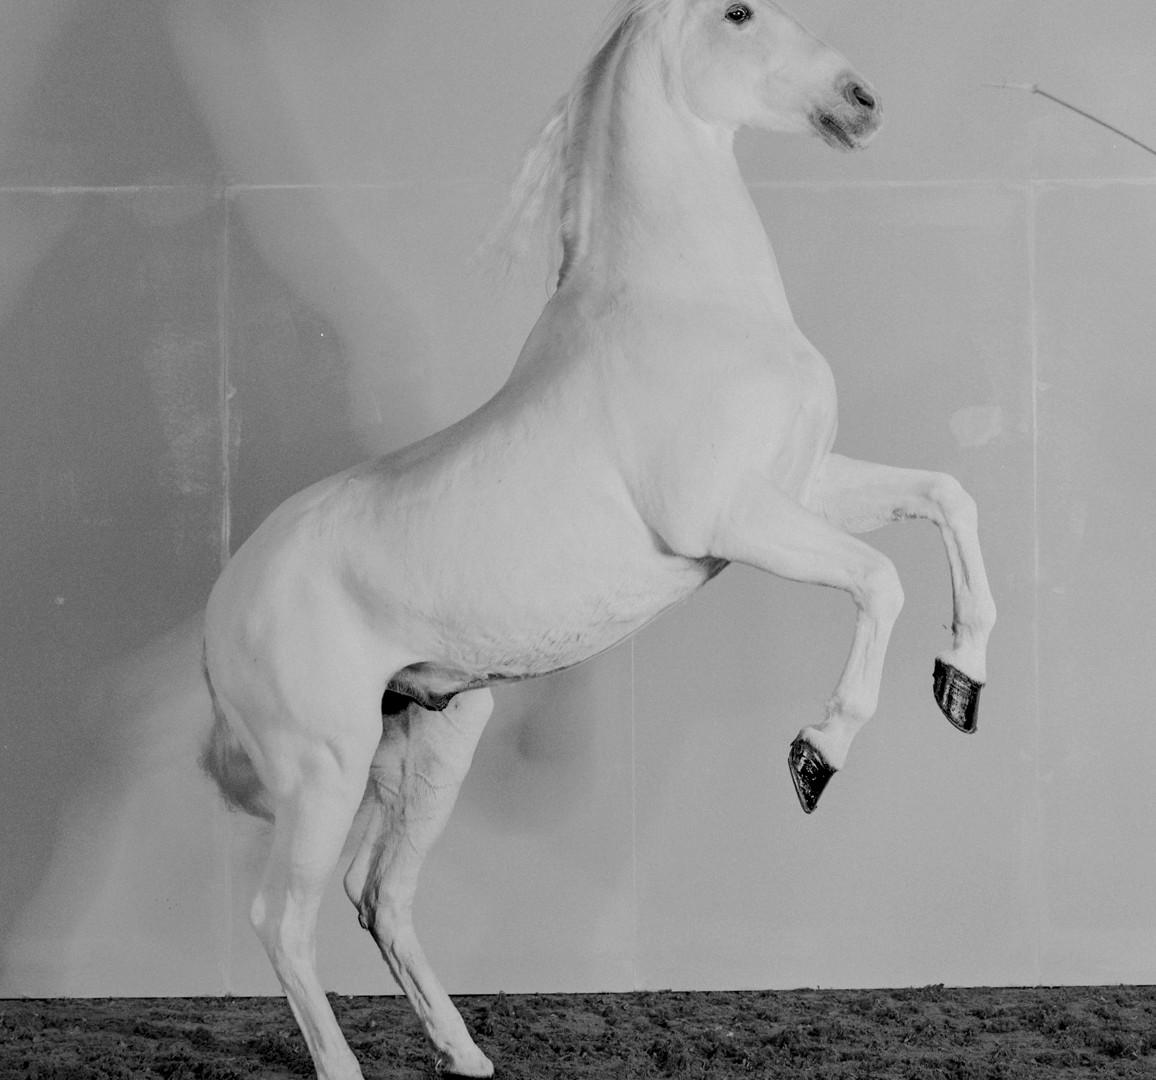 Richard Learoyd, 7 Horses (Horse 4), 2017